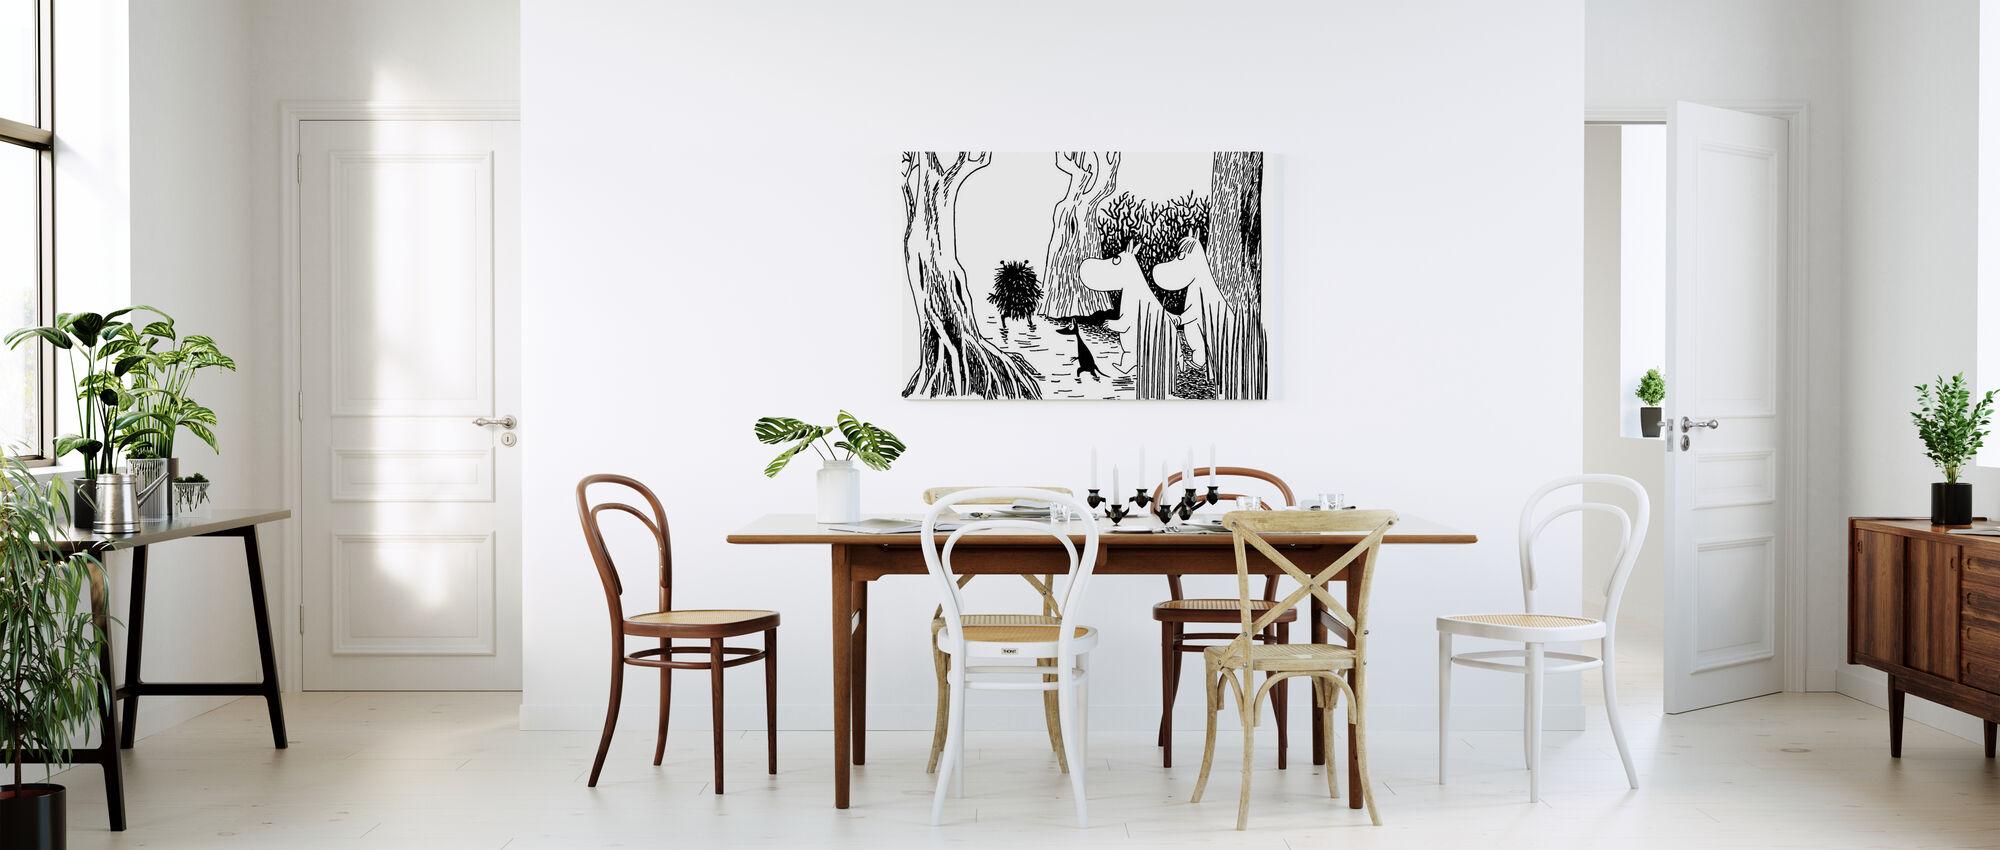 Moomin - Stinky - Canvas print - Kitchen